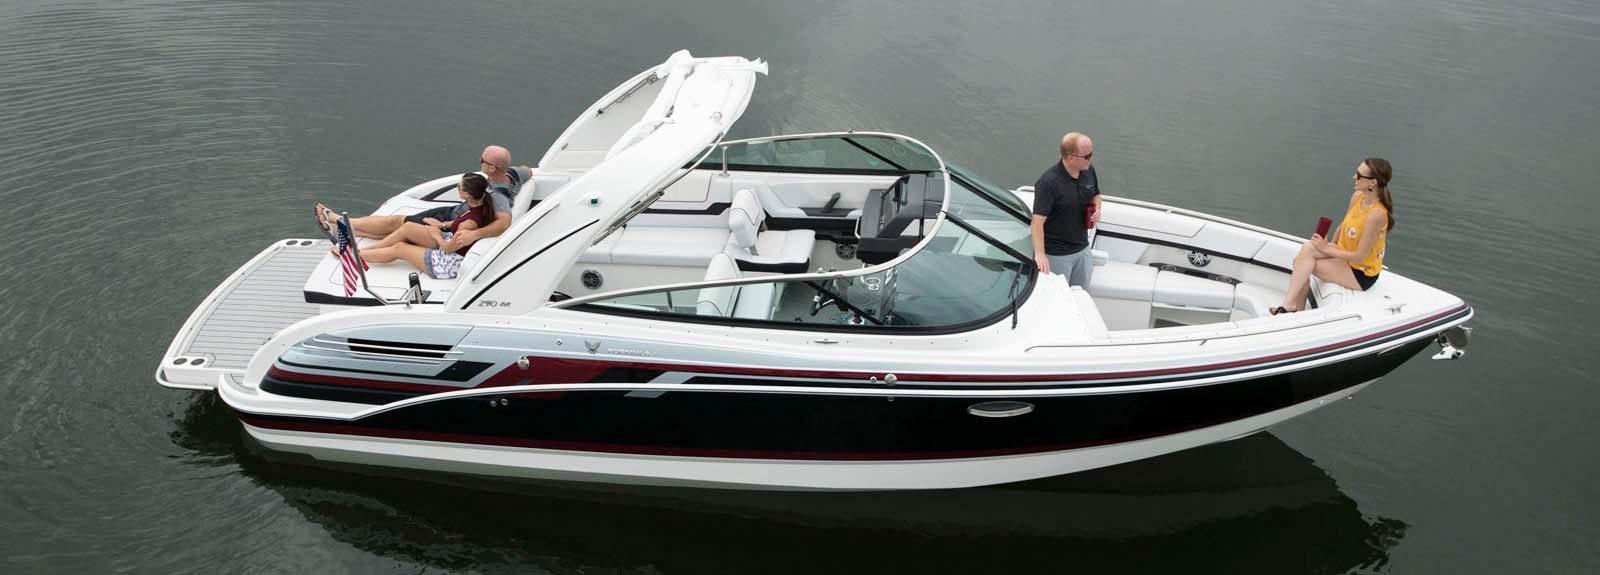 American luxury bowrider boat Formula BR 290